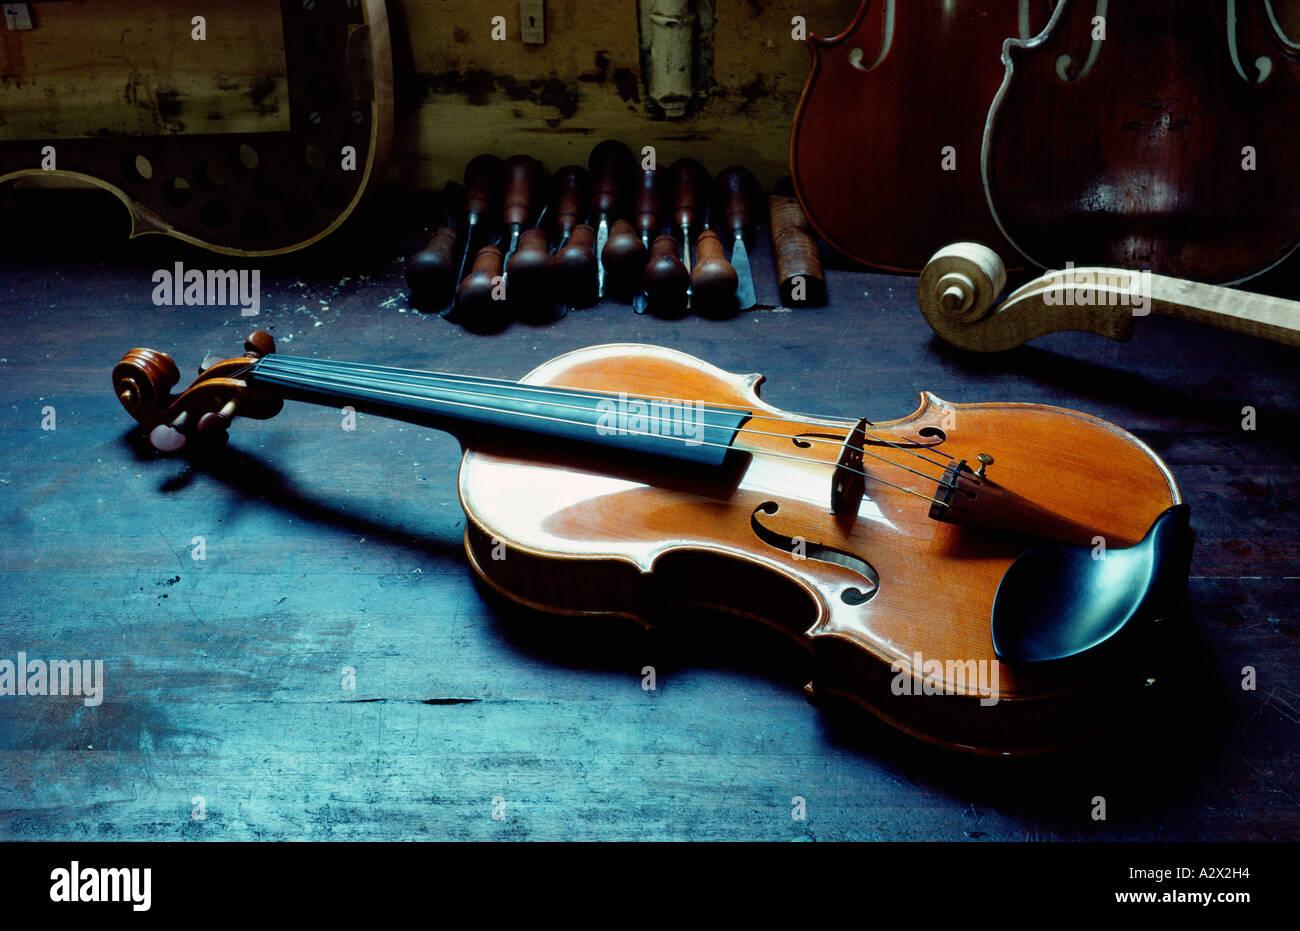 La vie encore de nouveau en bois fait main violon. Photo Stock